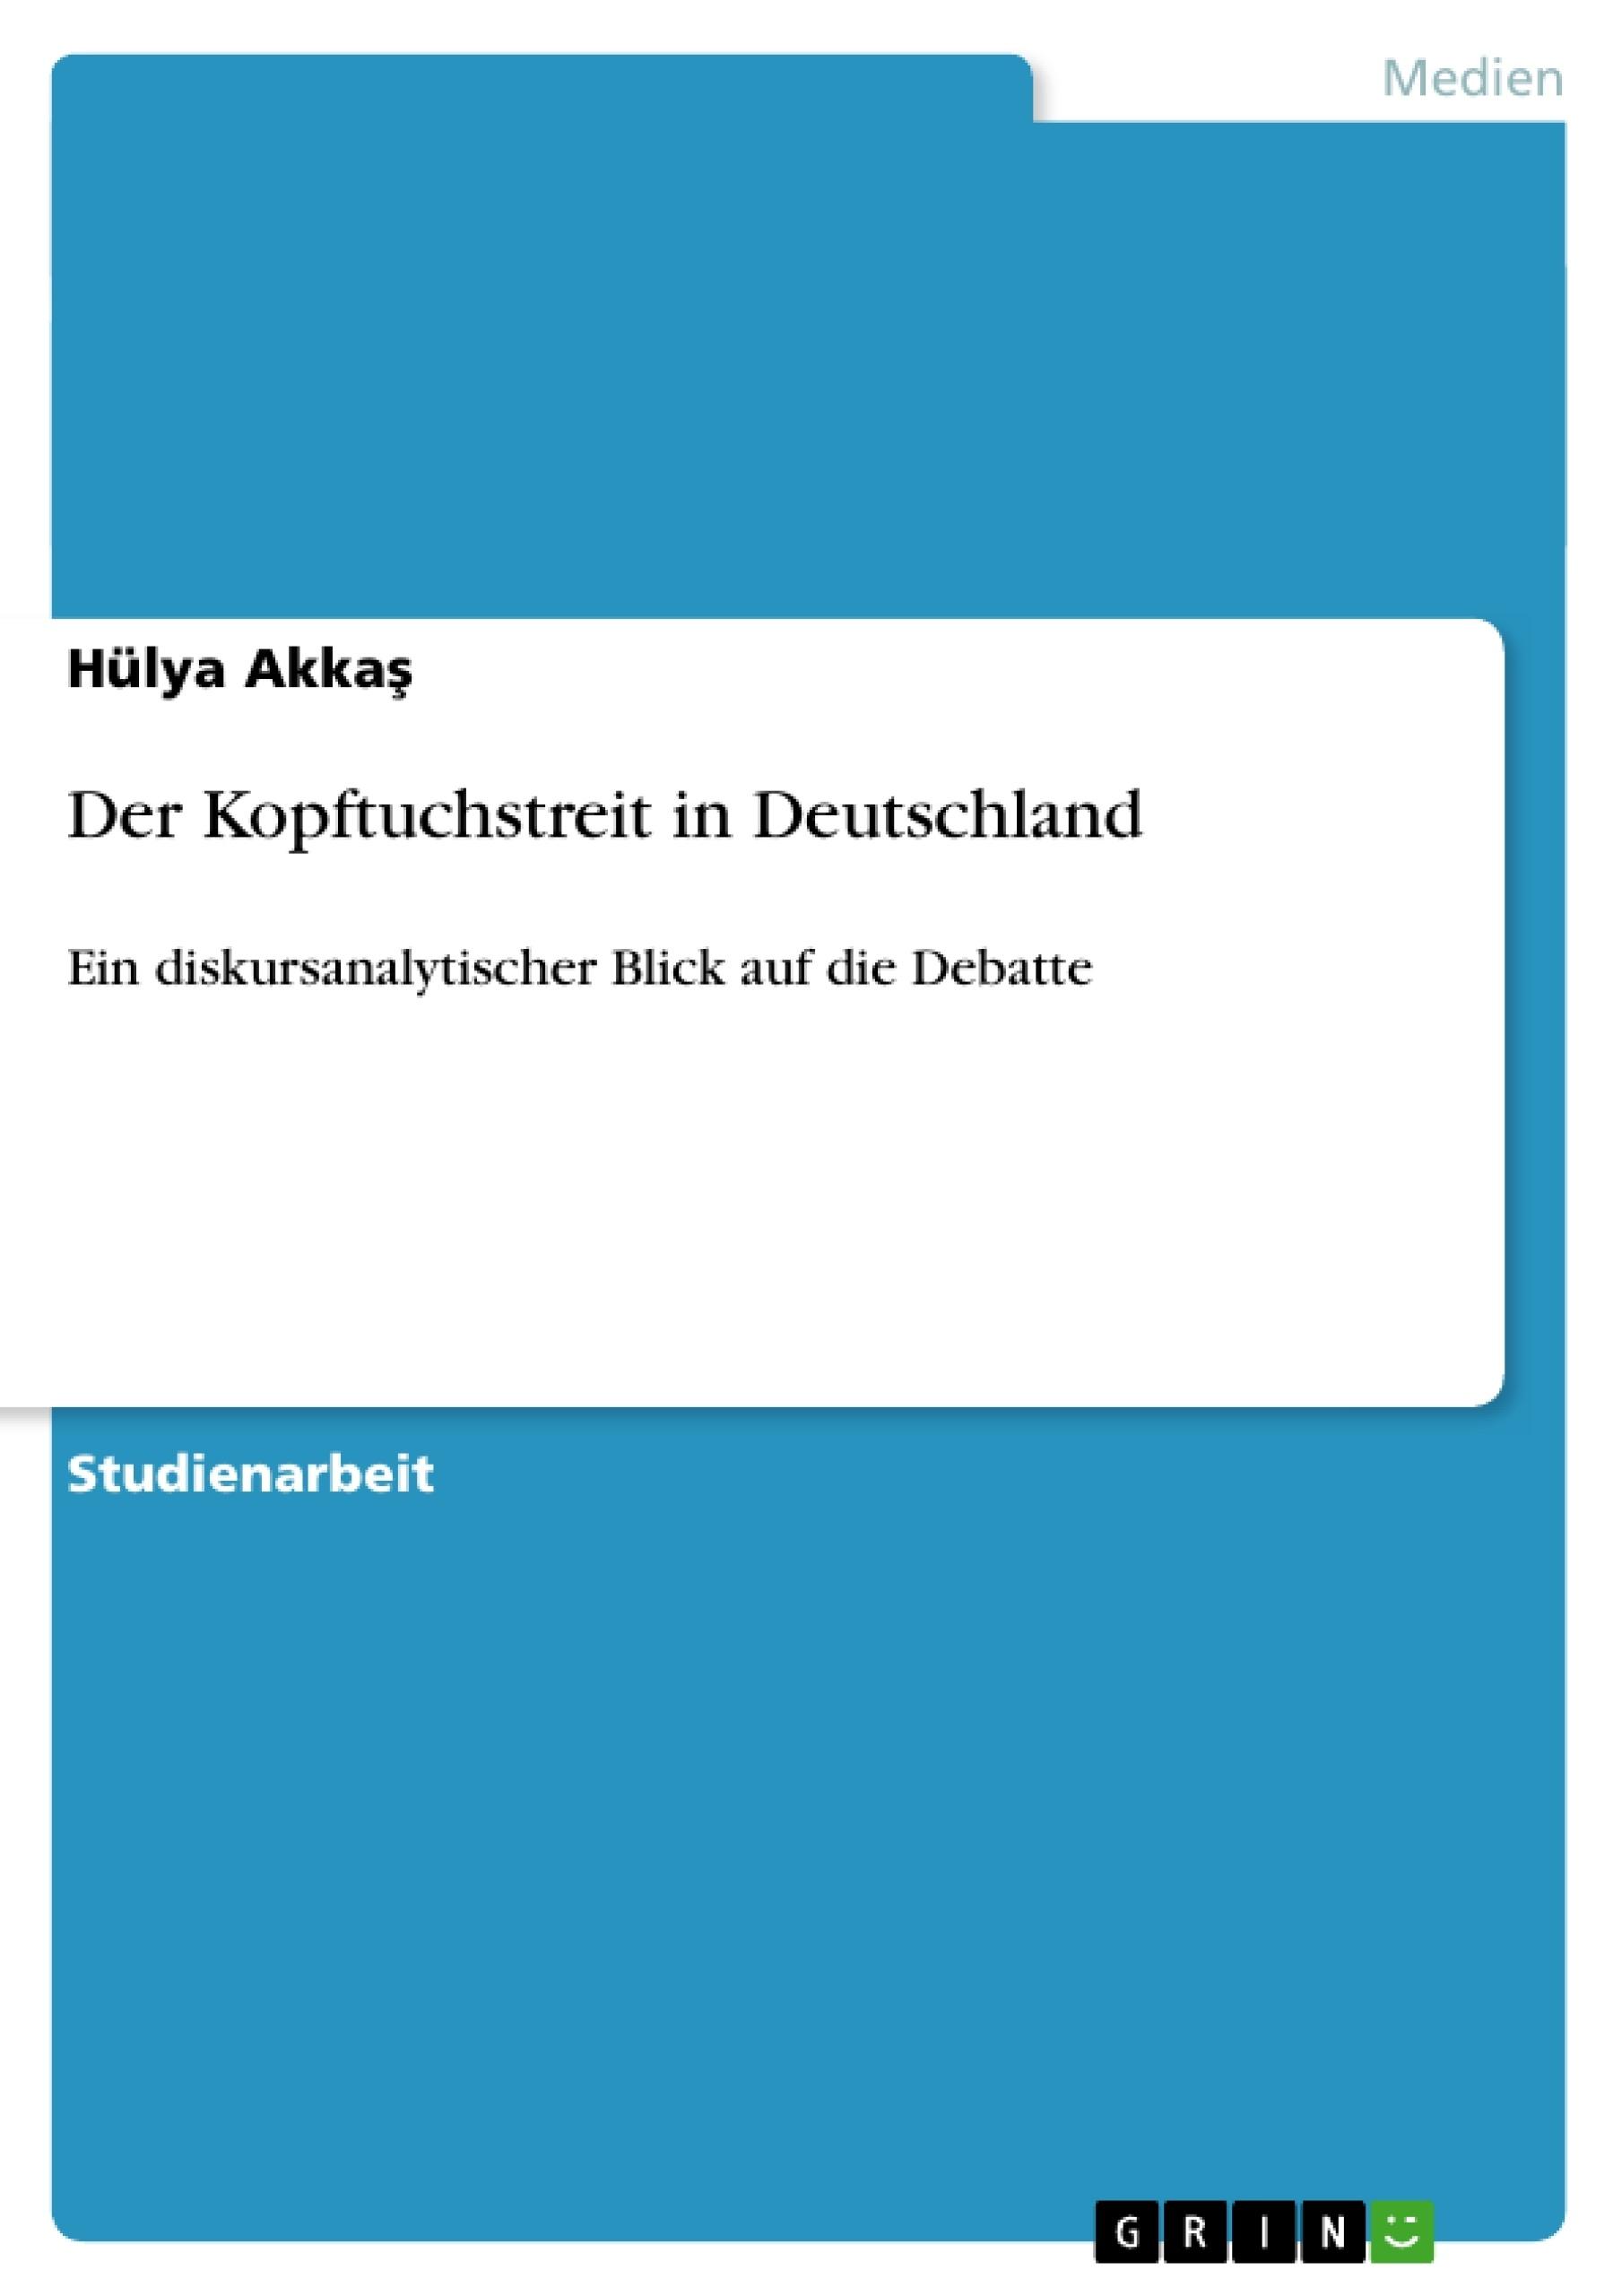 Titel: Der Kopftuchstreit in Deutschland